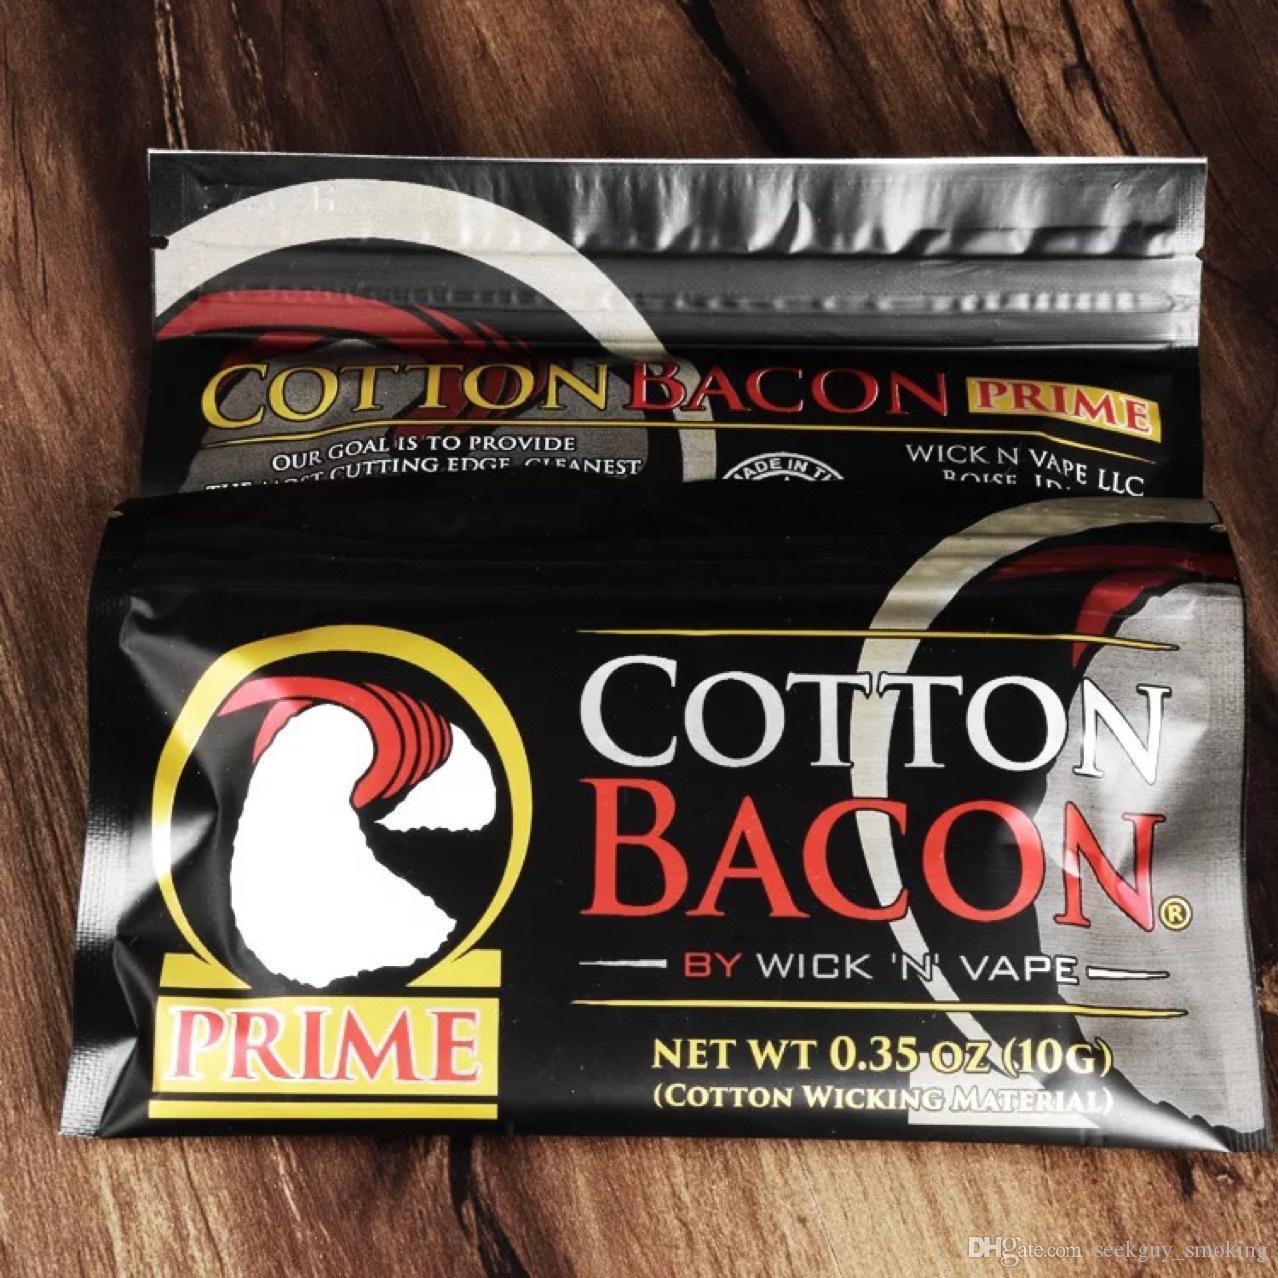 100% coton biologique Le plus récent coton Bacon 2.0 Premier Gold Version pour DIY RDA RBA Atomiseurs Chauffage Coip Ecig Vaporisants